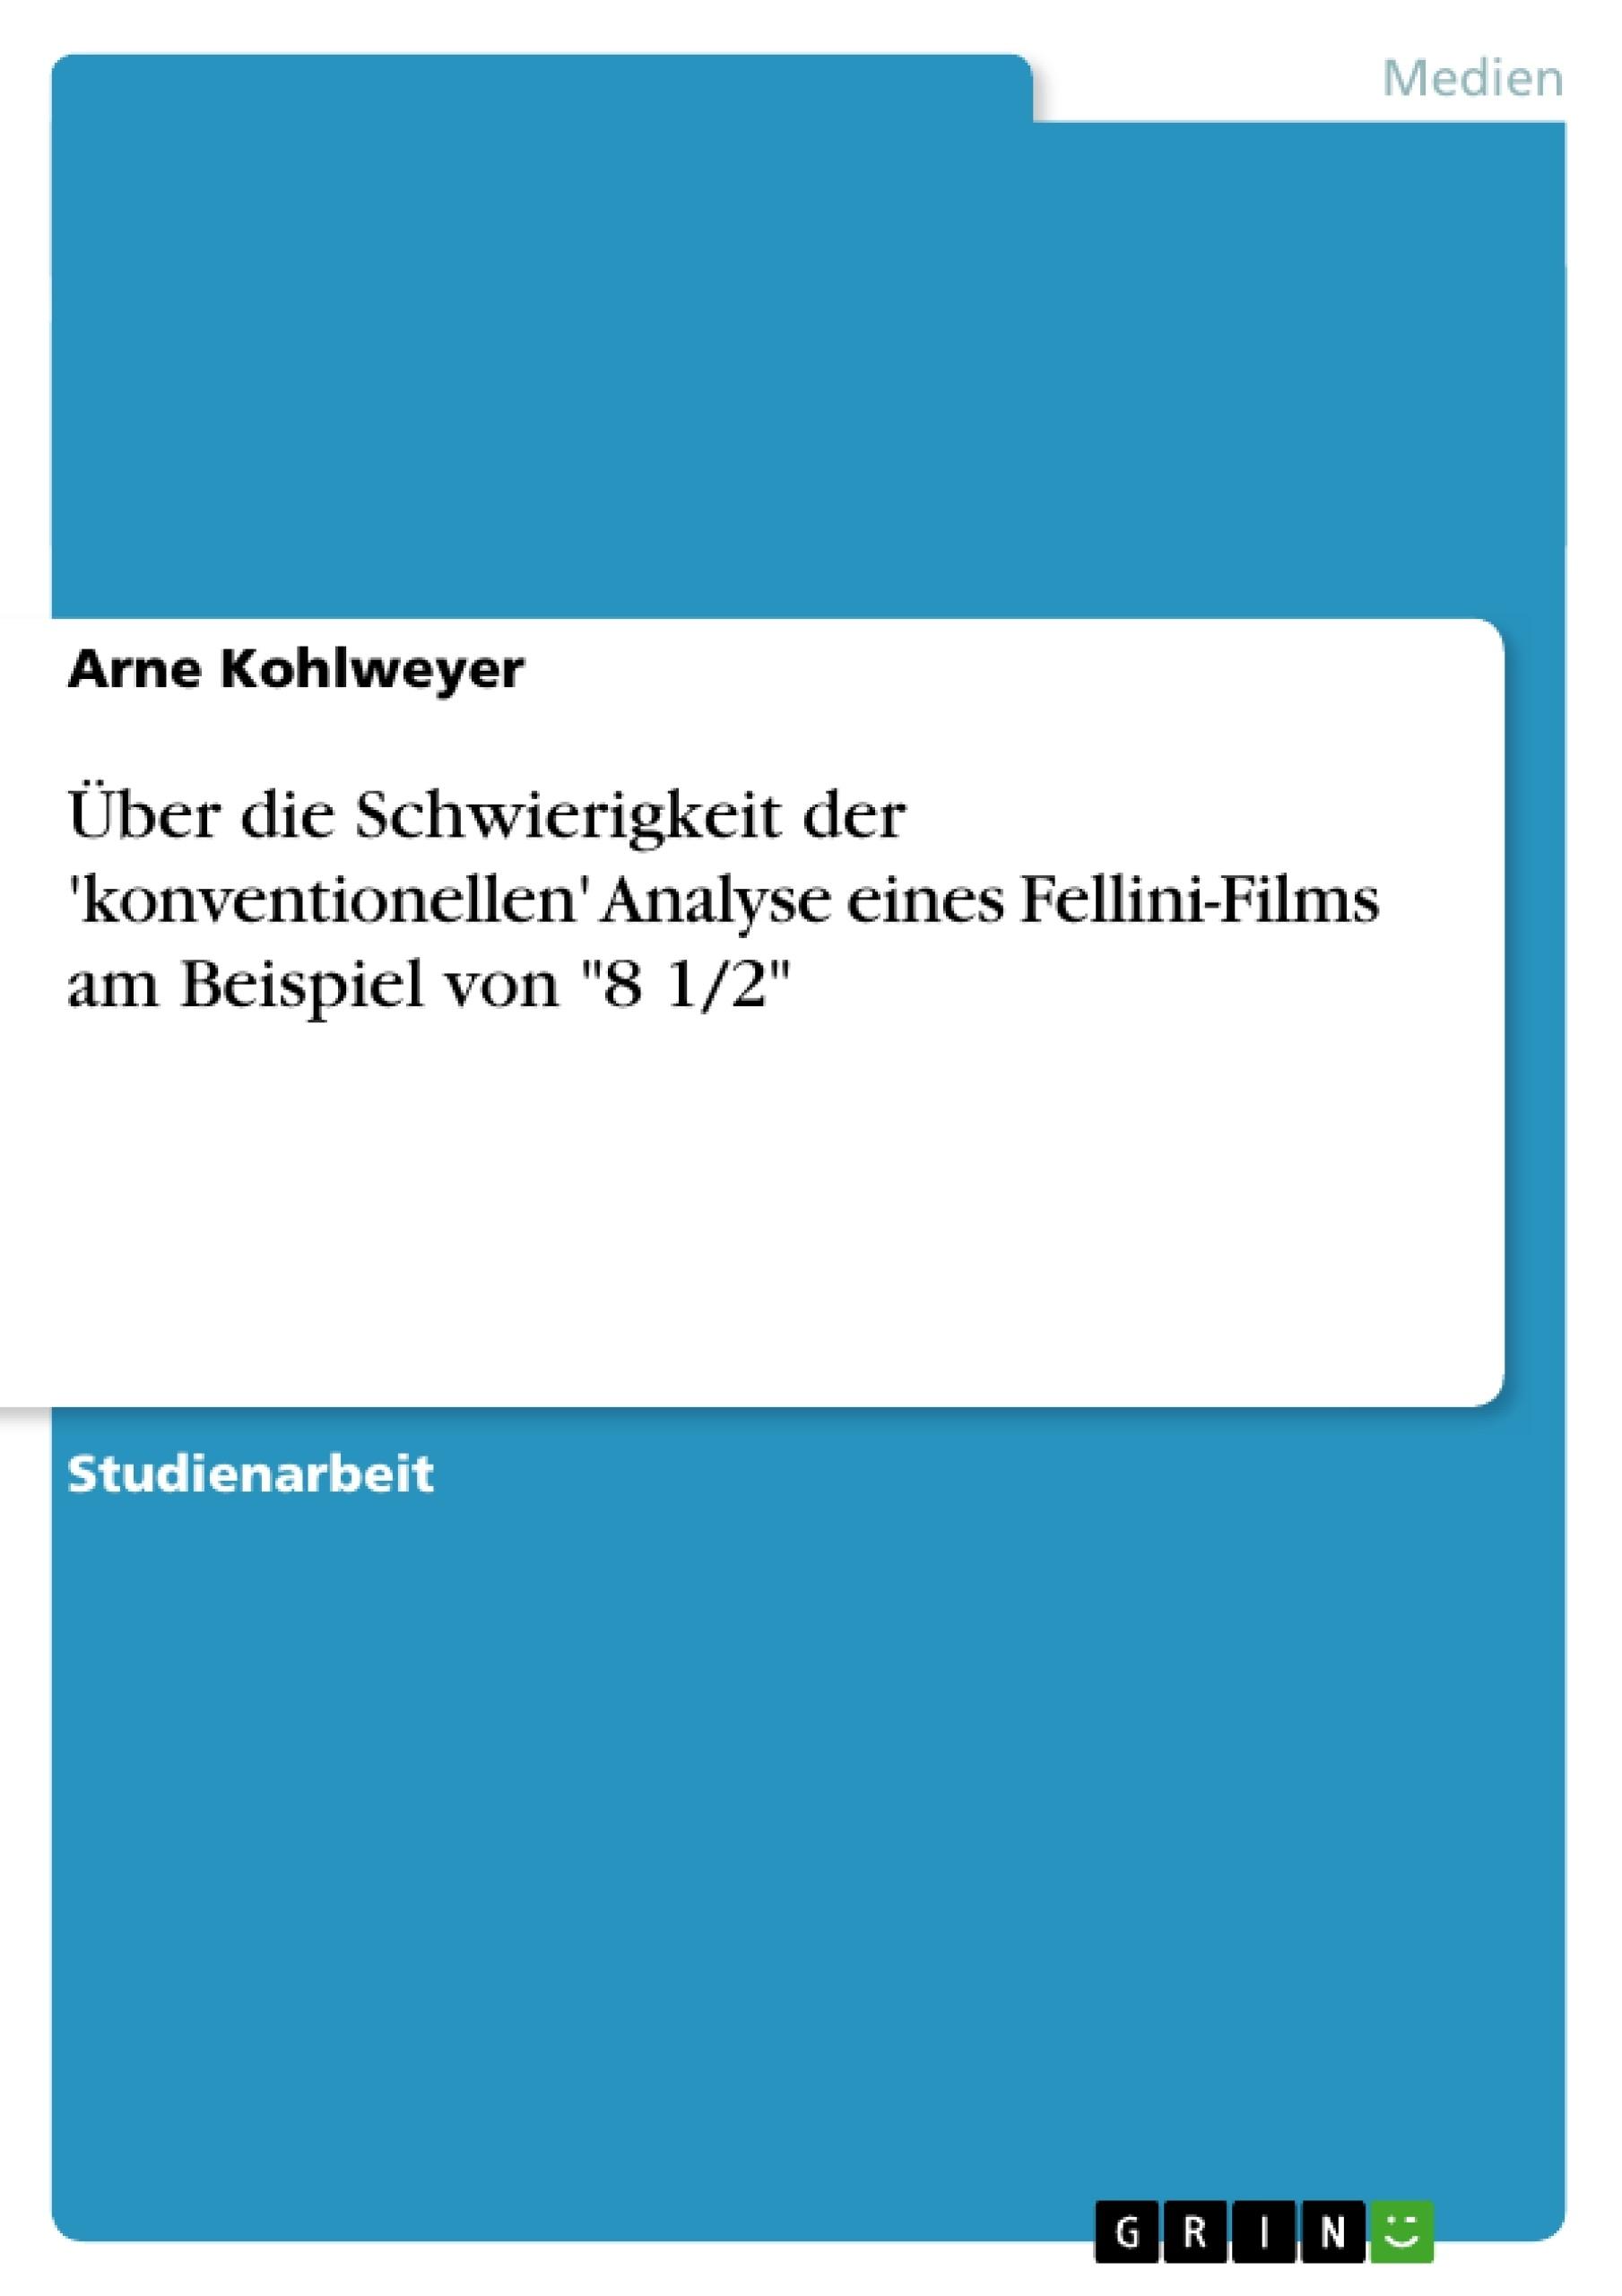 """Titel: Über die Schwierigkeit der 'konventionellen' Analyse eines Fellini-Films am Beispiel von """"8 1/2"""""""